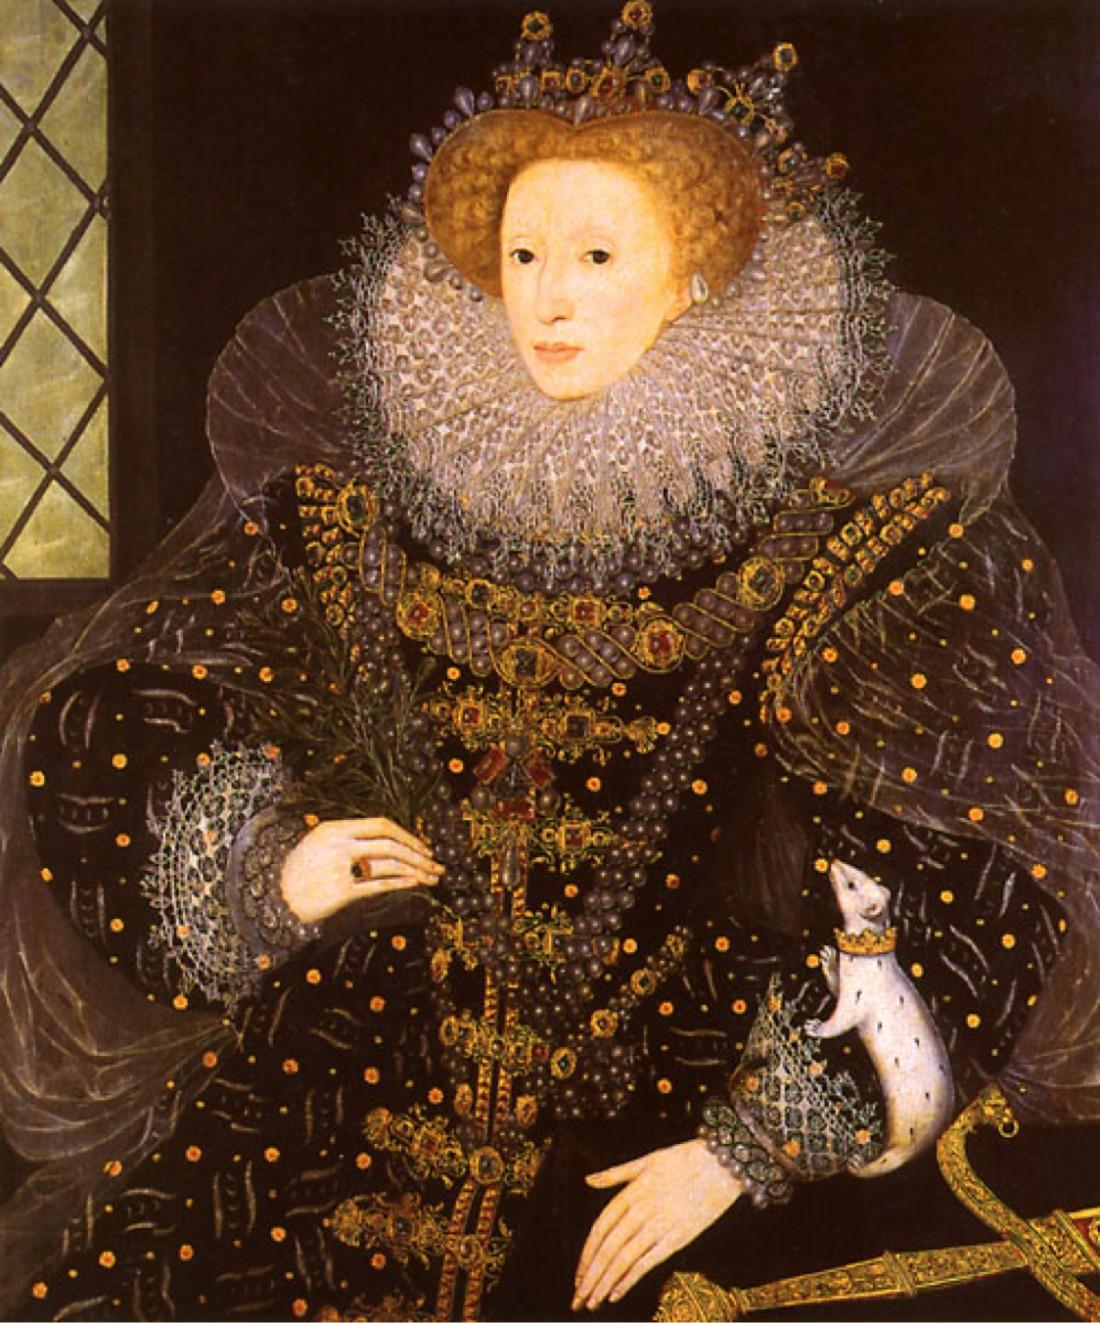 Елизавета I была одной из первых законодательниц моды